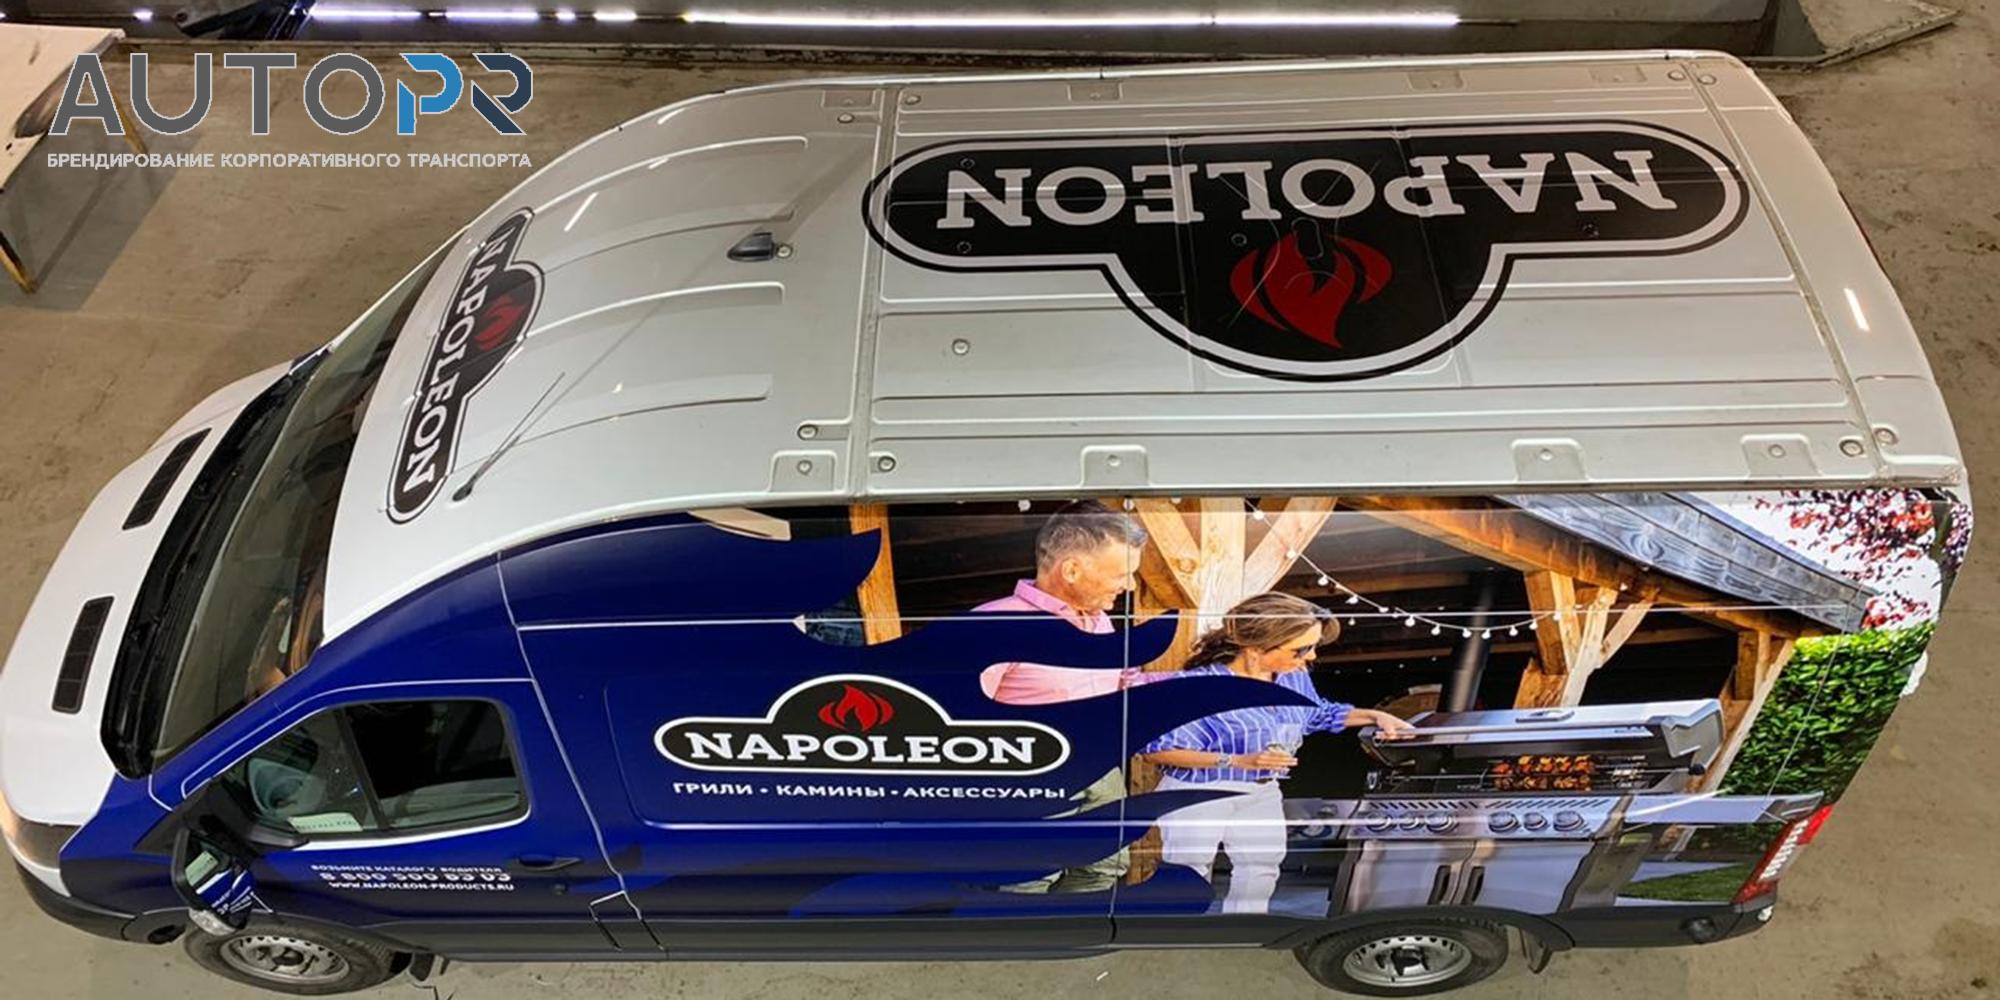 оклейка фургона Napoleon 1